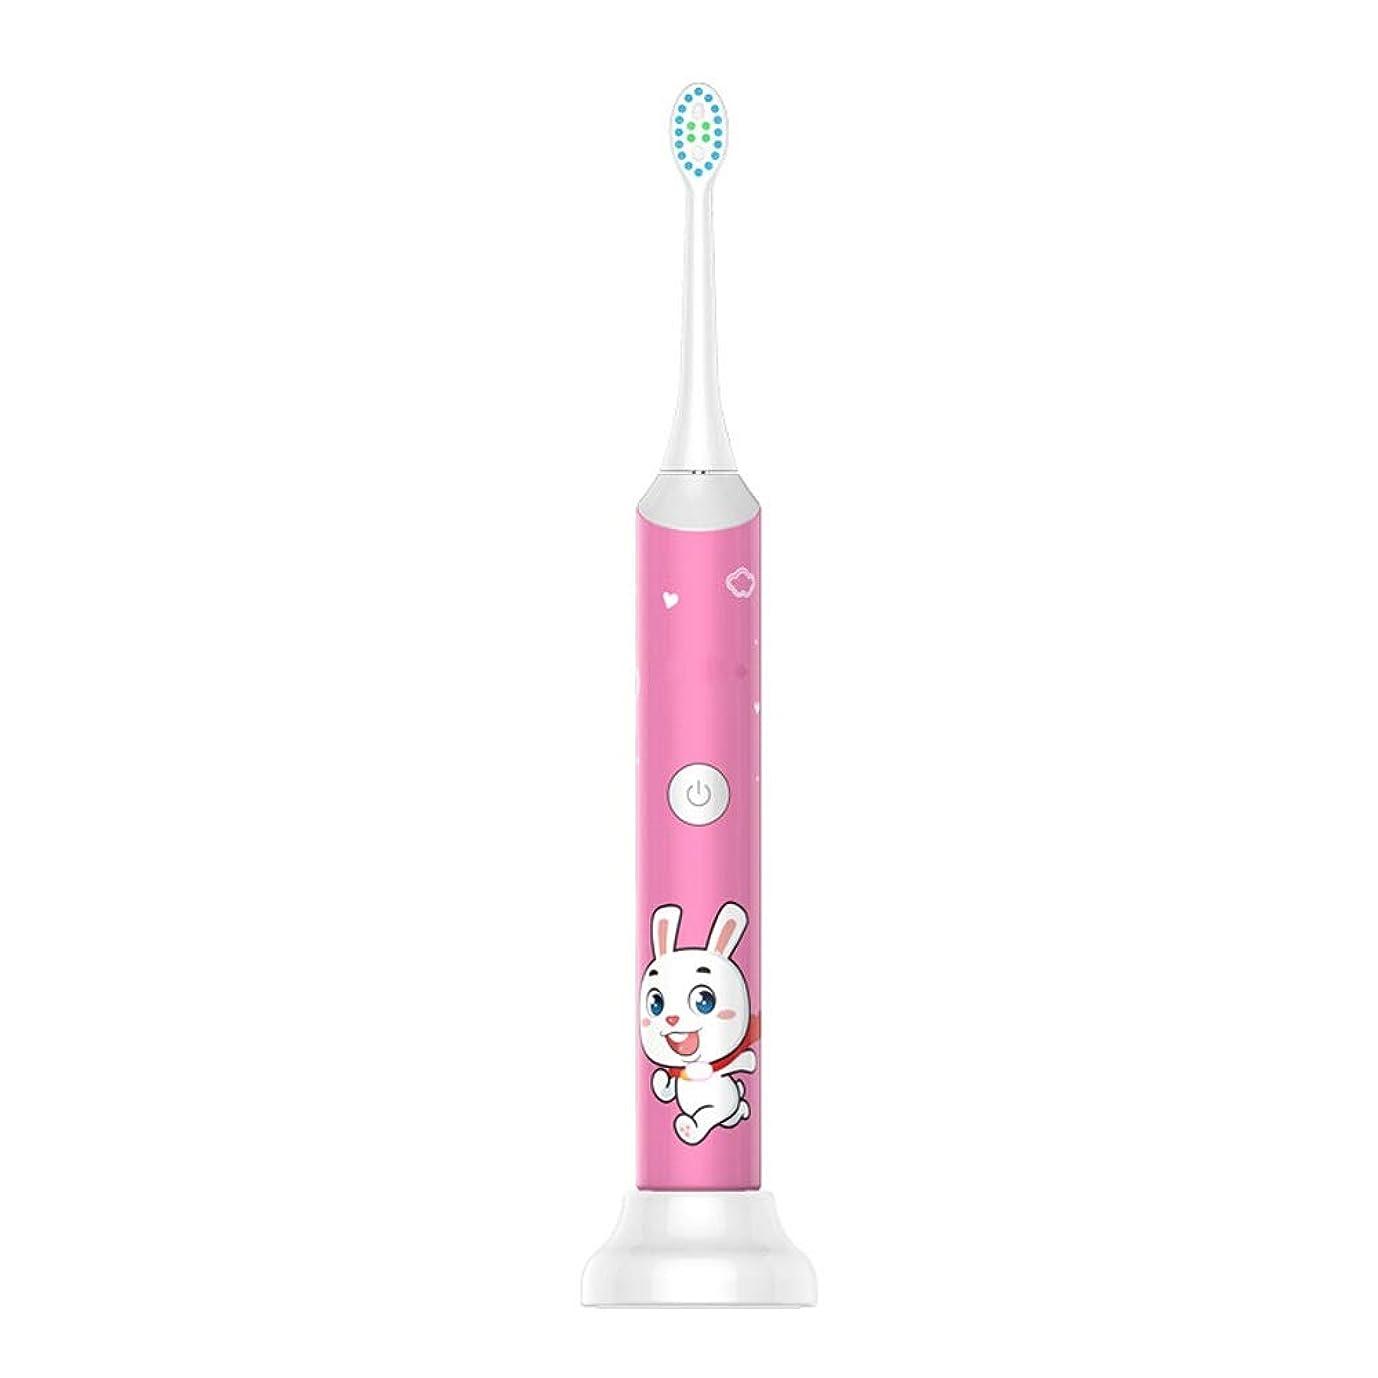 ファックス見落とすプロトタイプ子供の電動歯ブラシ防水USB充電ベースホルダー柔らかい毛の歯ブラシ歯科医推奨 完全な口腔ケアのために (色 : ピンク, サイズ : Free size)